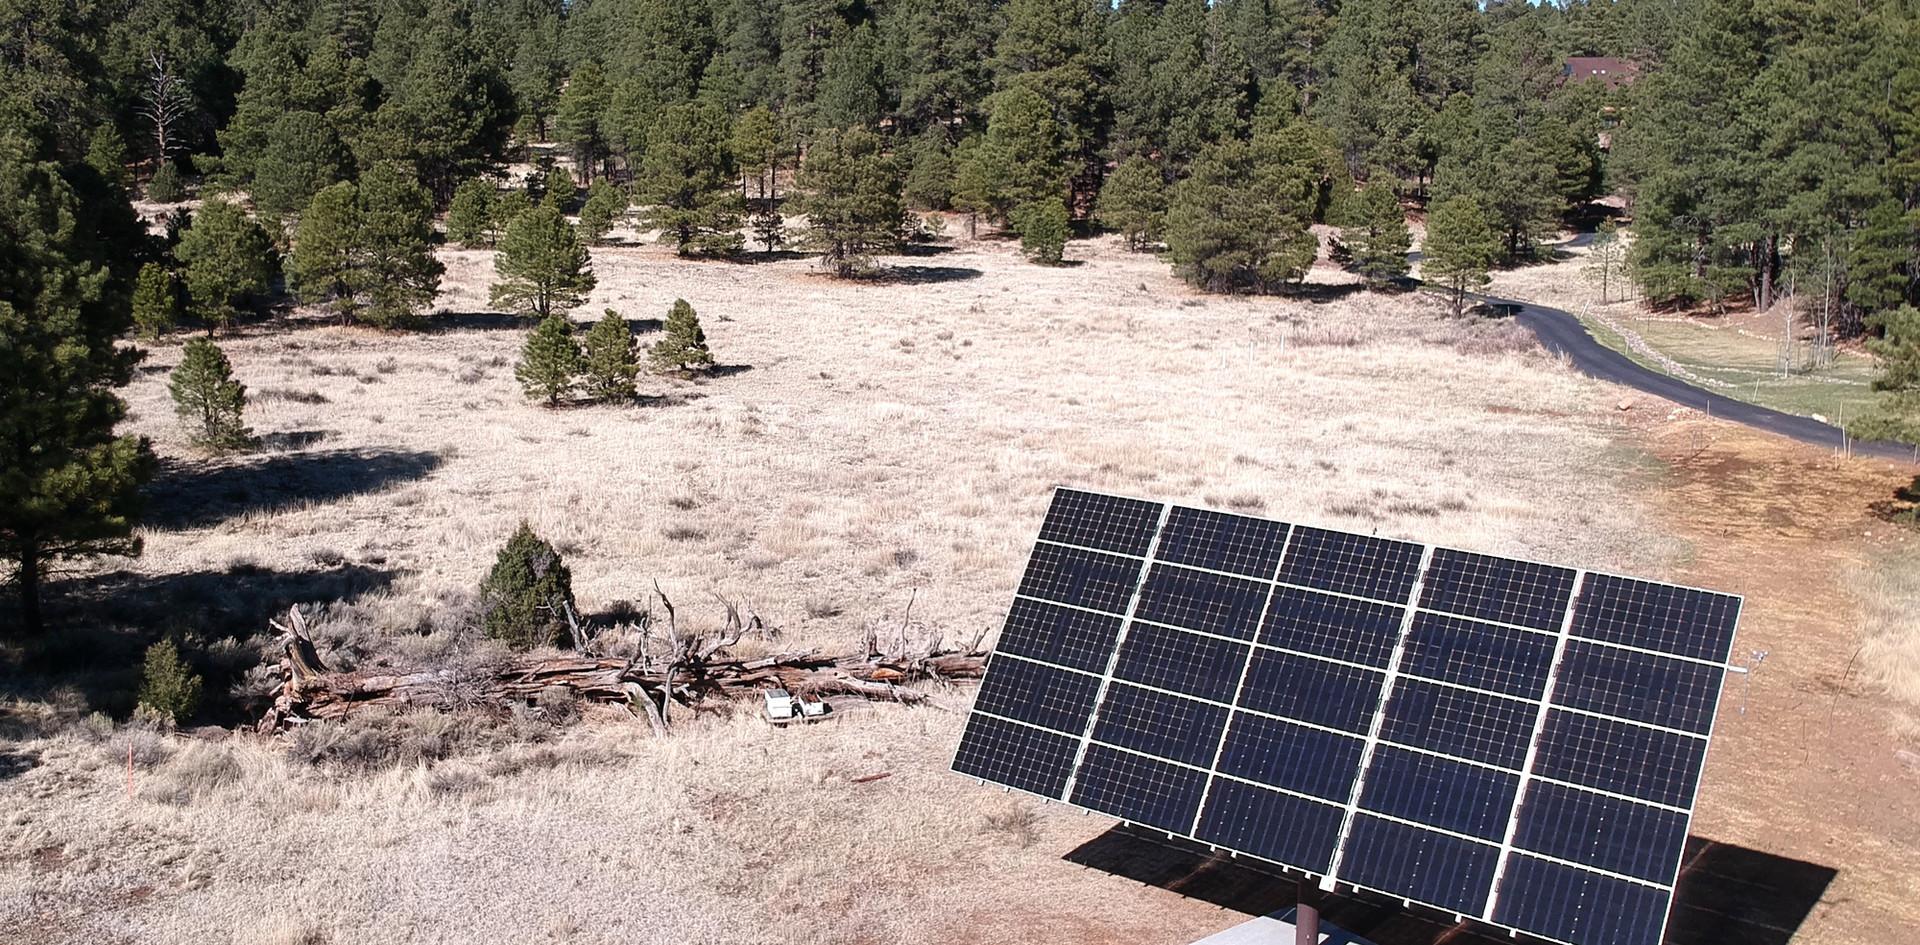 dji-drone-photo-sedona-solar-modules-GEE